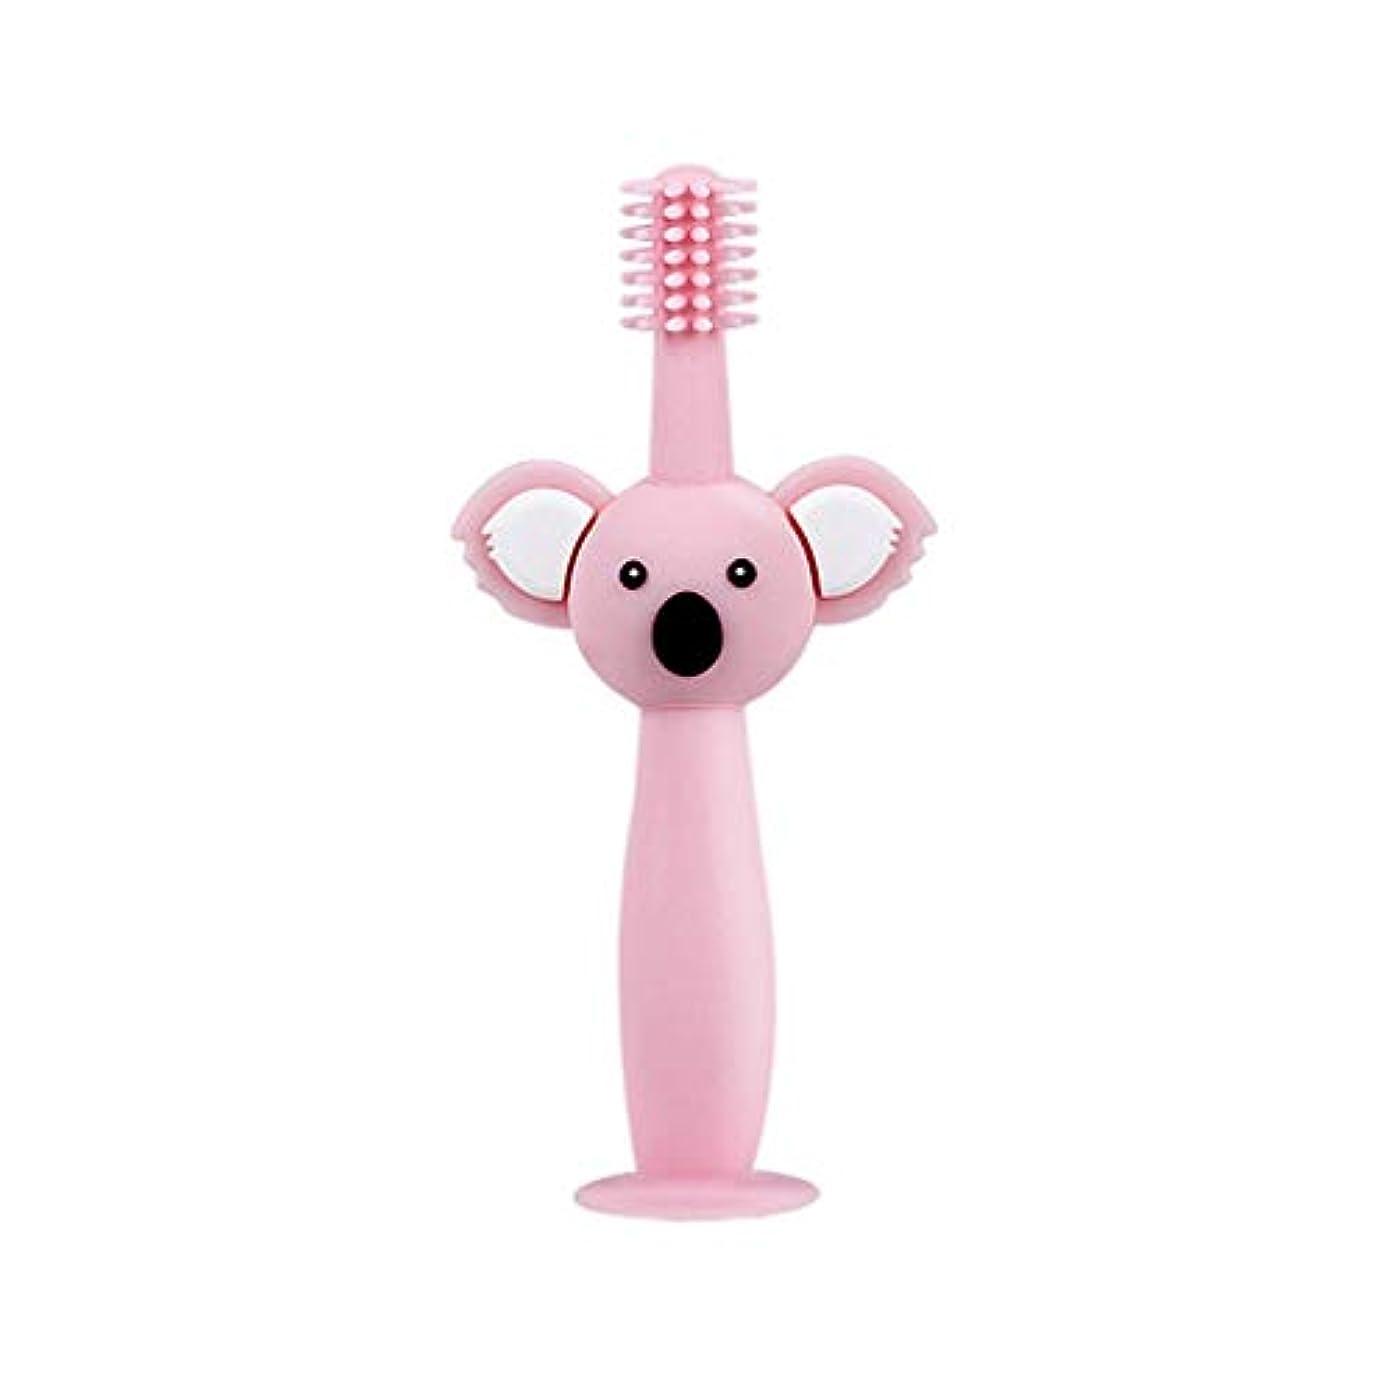 ラップトップシャーロットブロンテ性格Biuuu 360°赤ちゃん歯ブラシコアラ頭ハンドル幼児ブラッシング歯トレーニング安全なデザインソフト健康シリコーン幼児口腔ケア (ピンク)